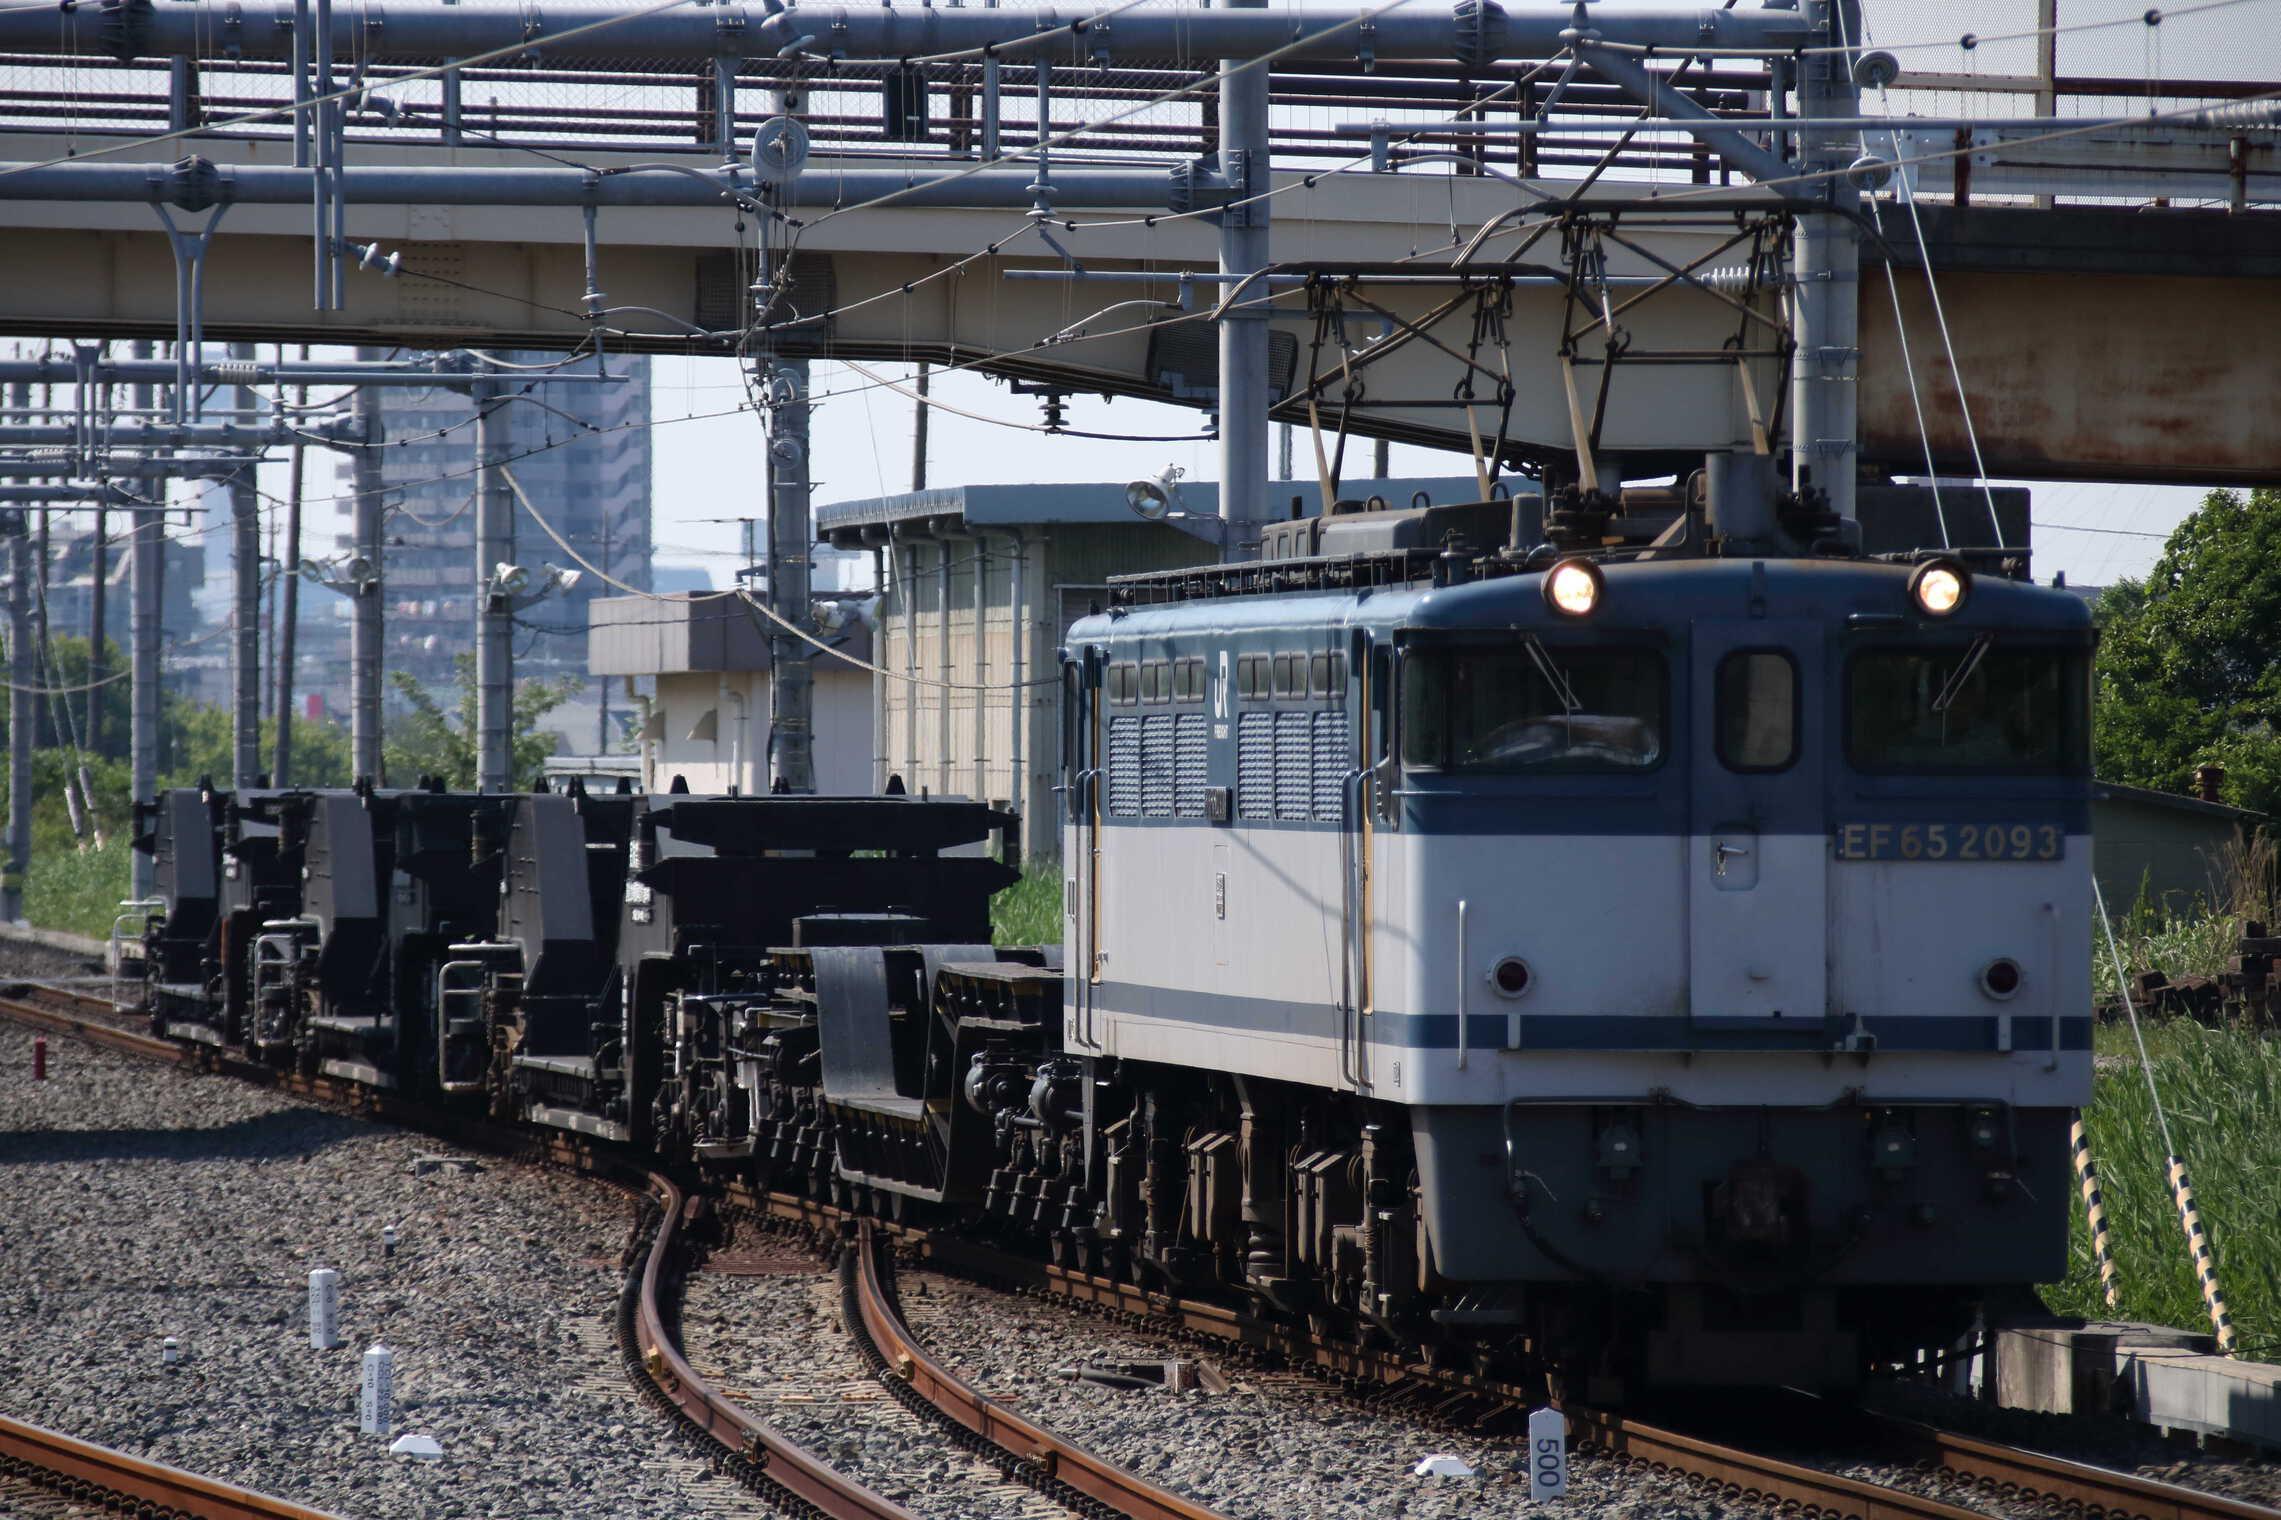 配8592列車 EF65-2093②[新]+シキ180+シキ1001D1+シキ1000D1+シキ1002D1